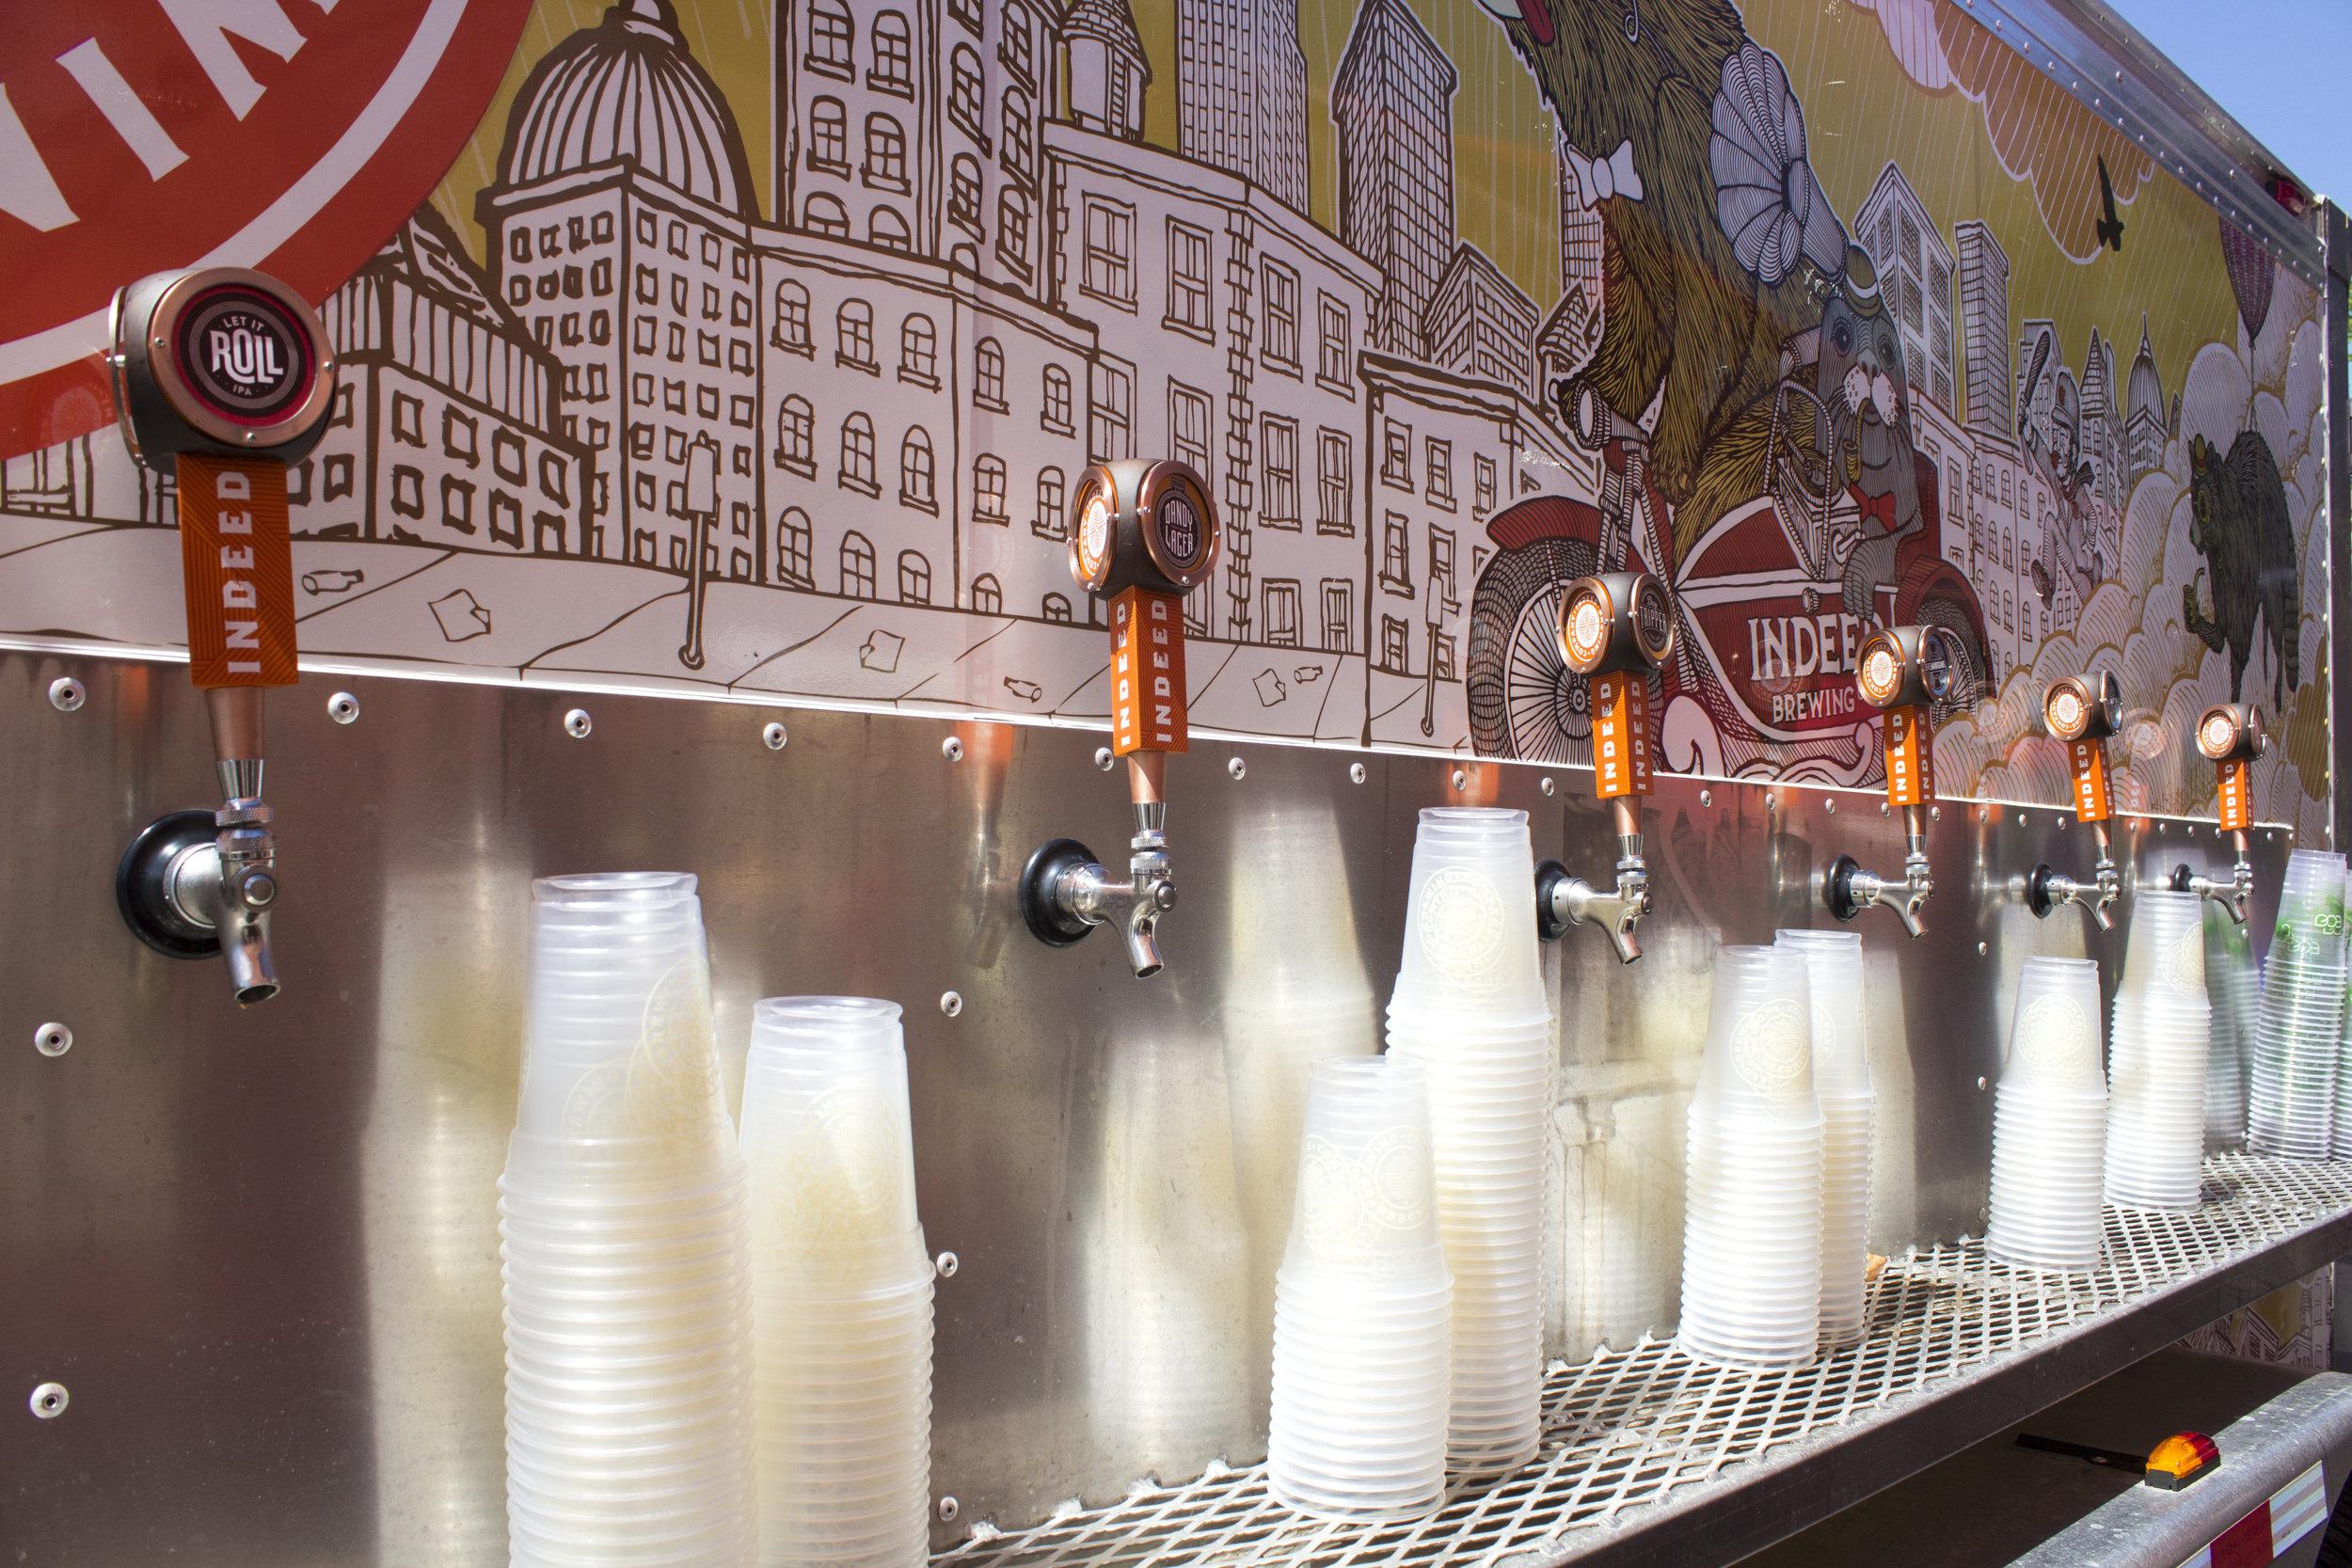 Indeed Beer truck on fleek.